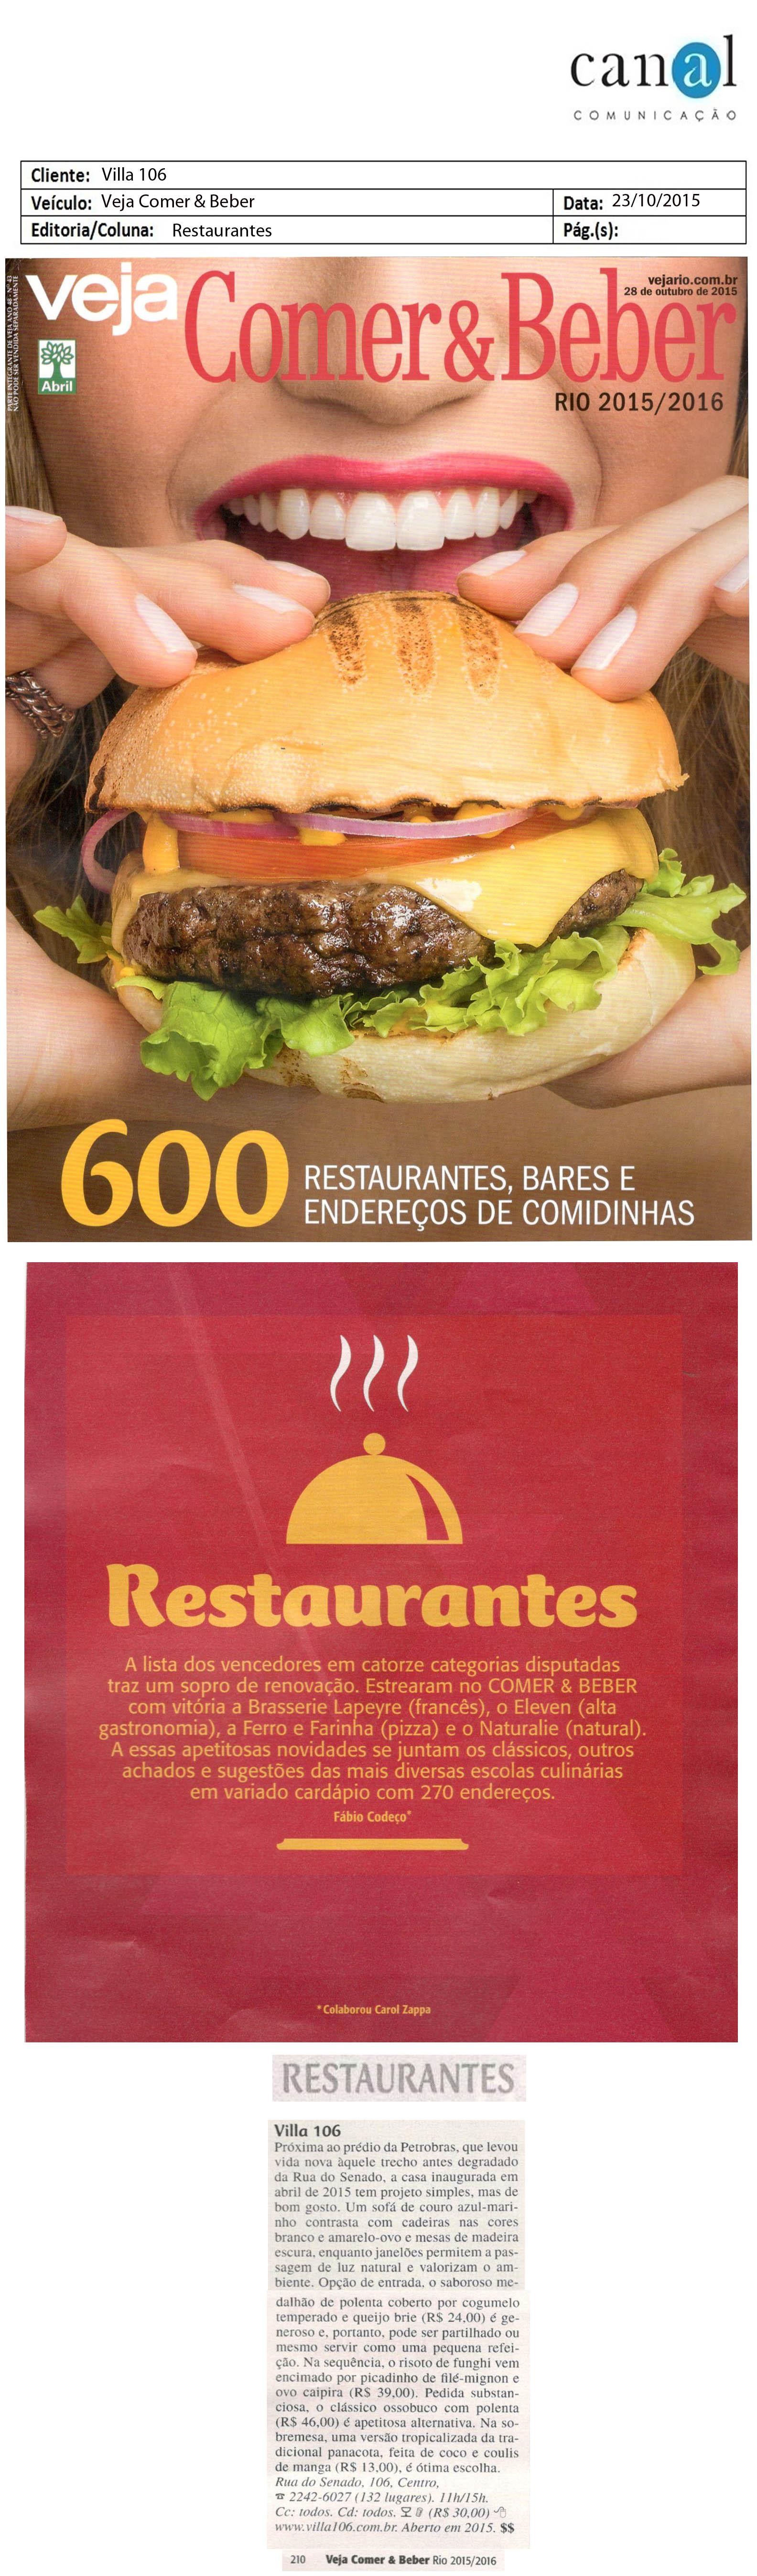 Villa-106_Veja-Comer-&-Beber_Restaurantes_23-10-2015